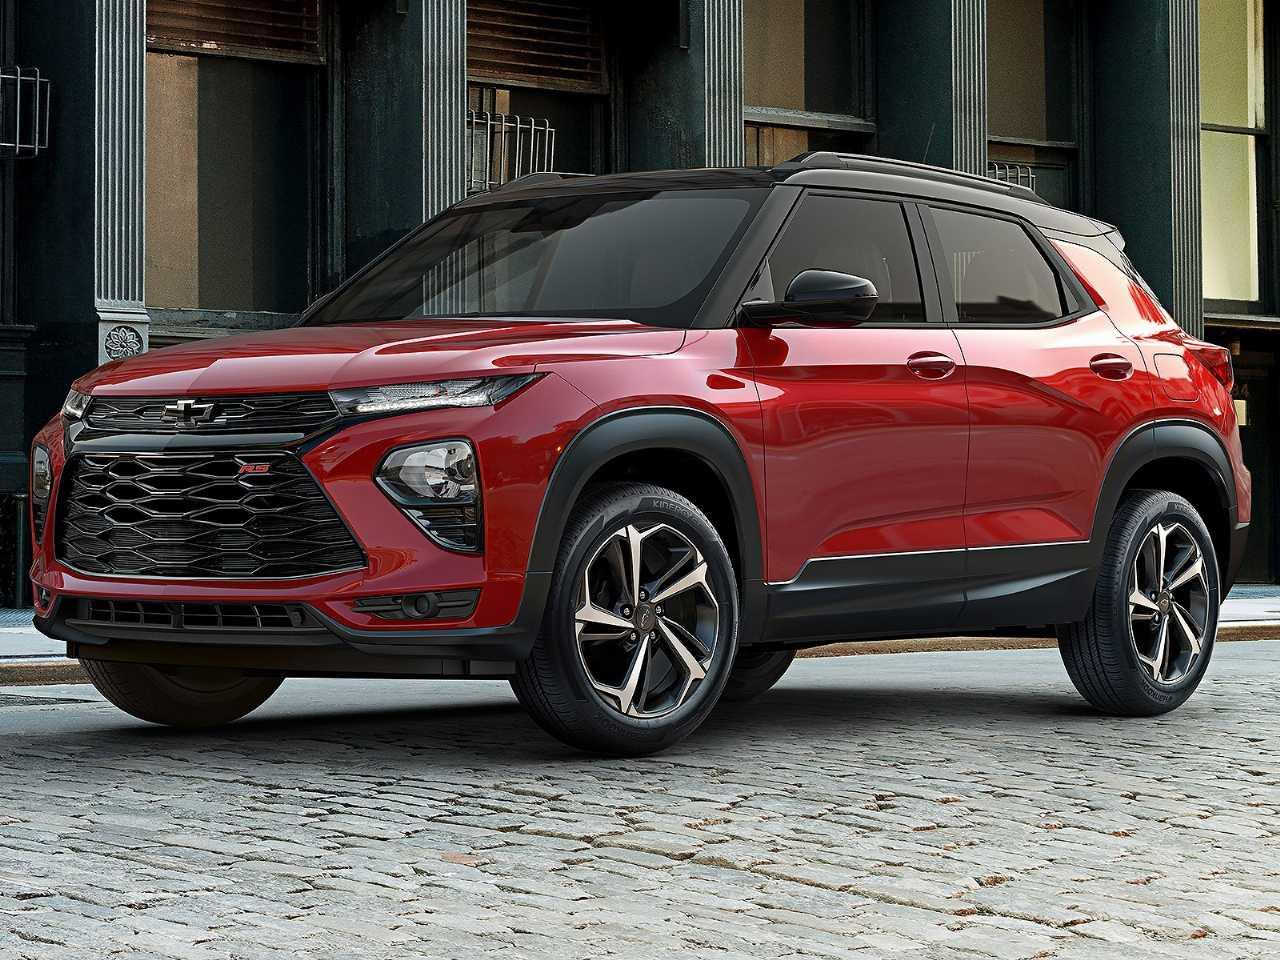 Acima o novo Chevrolet Trailblazer RS 2021 que será vendido nos EUA